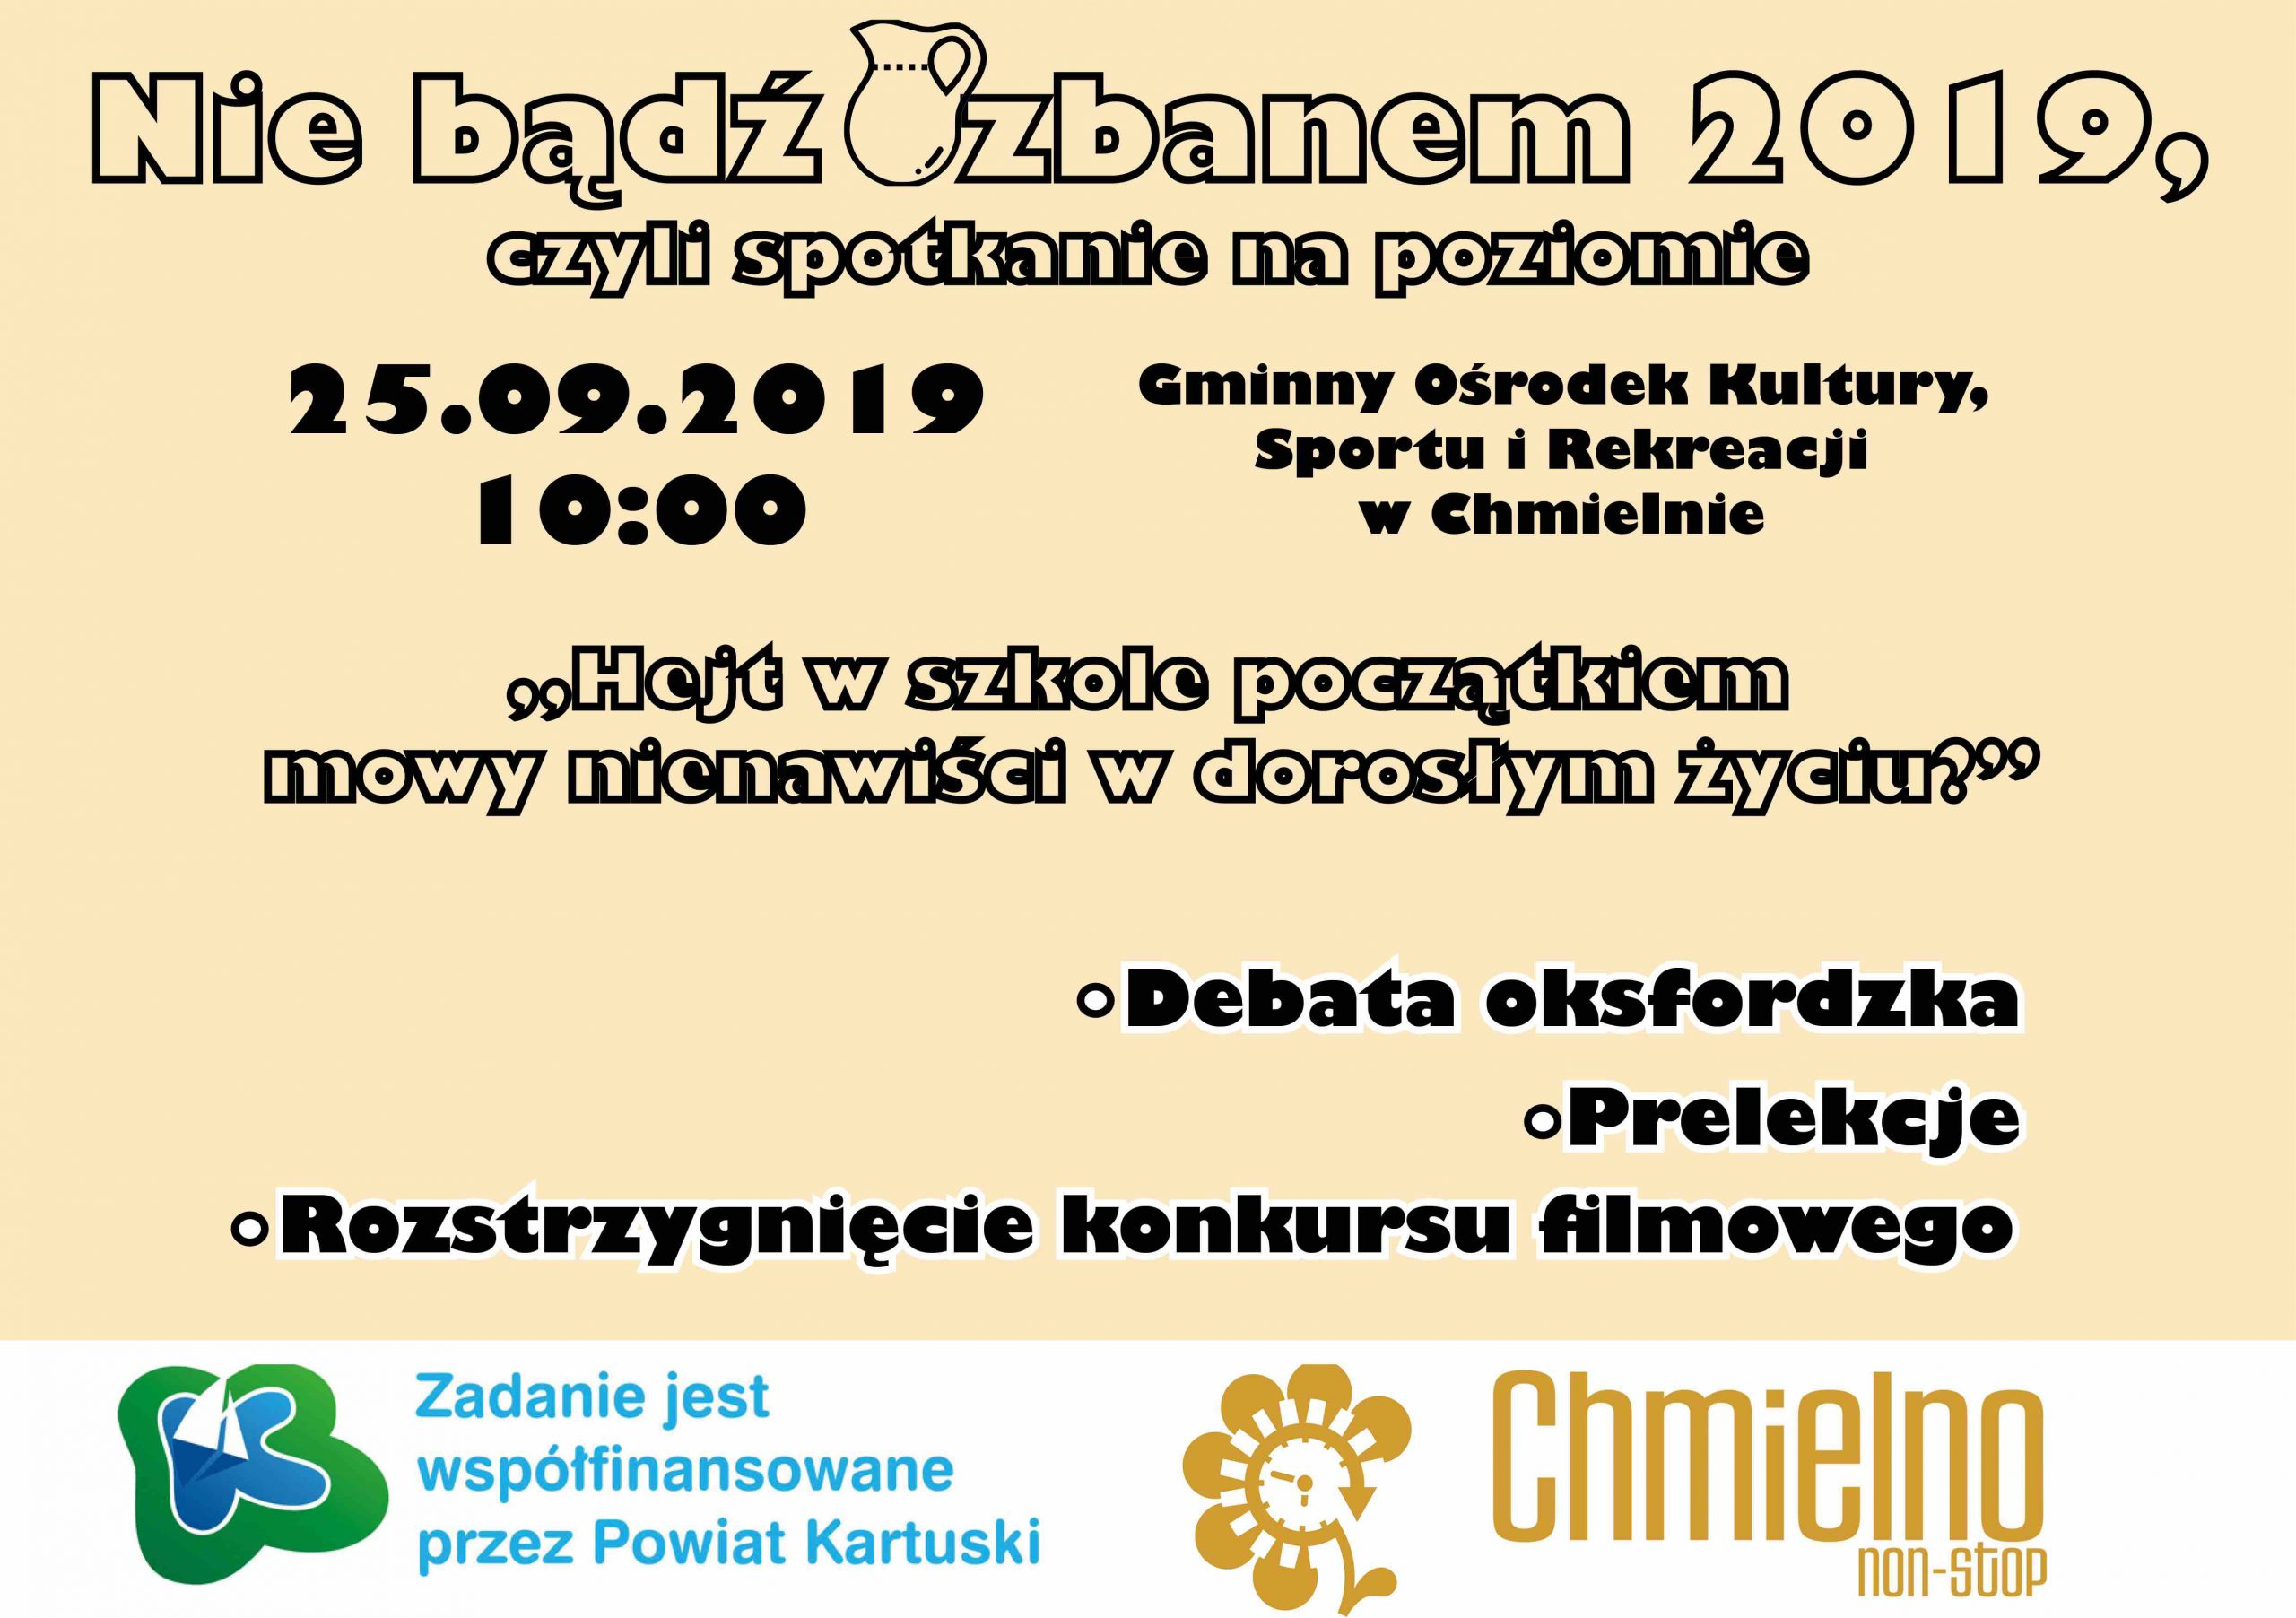 'Nie bądź dzbanem 2019′ w Chmielnie – Kartuzy.info – kartuzy.info